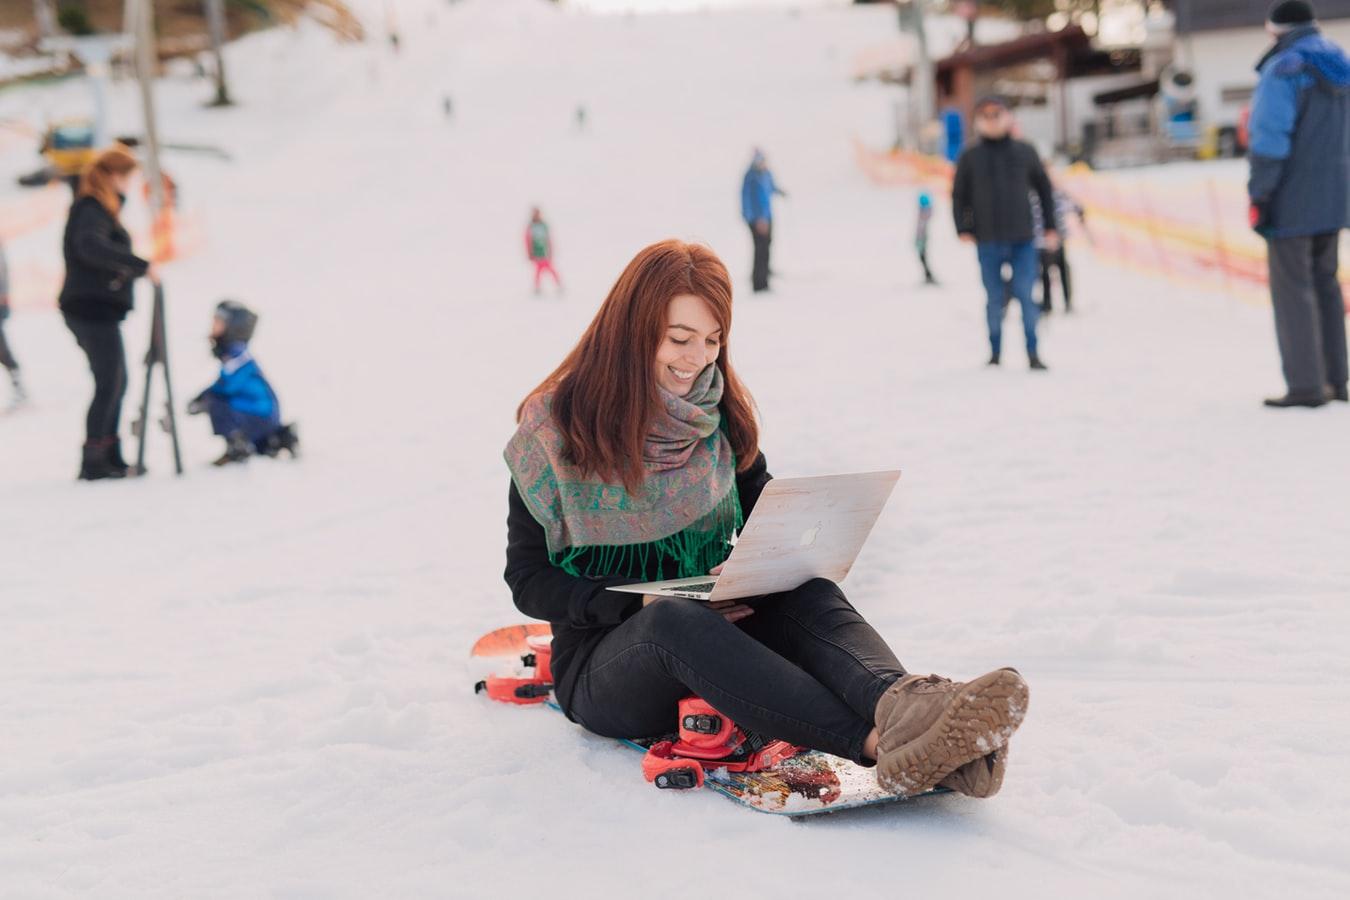 Frau sitzt im Schnee und guckt auf einen Laptop.